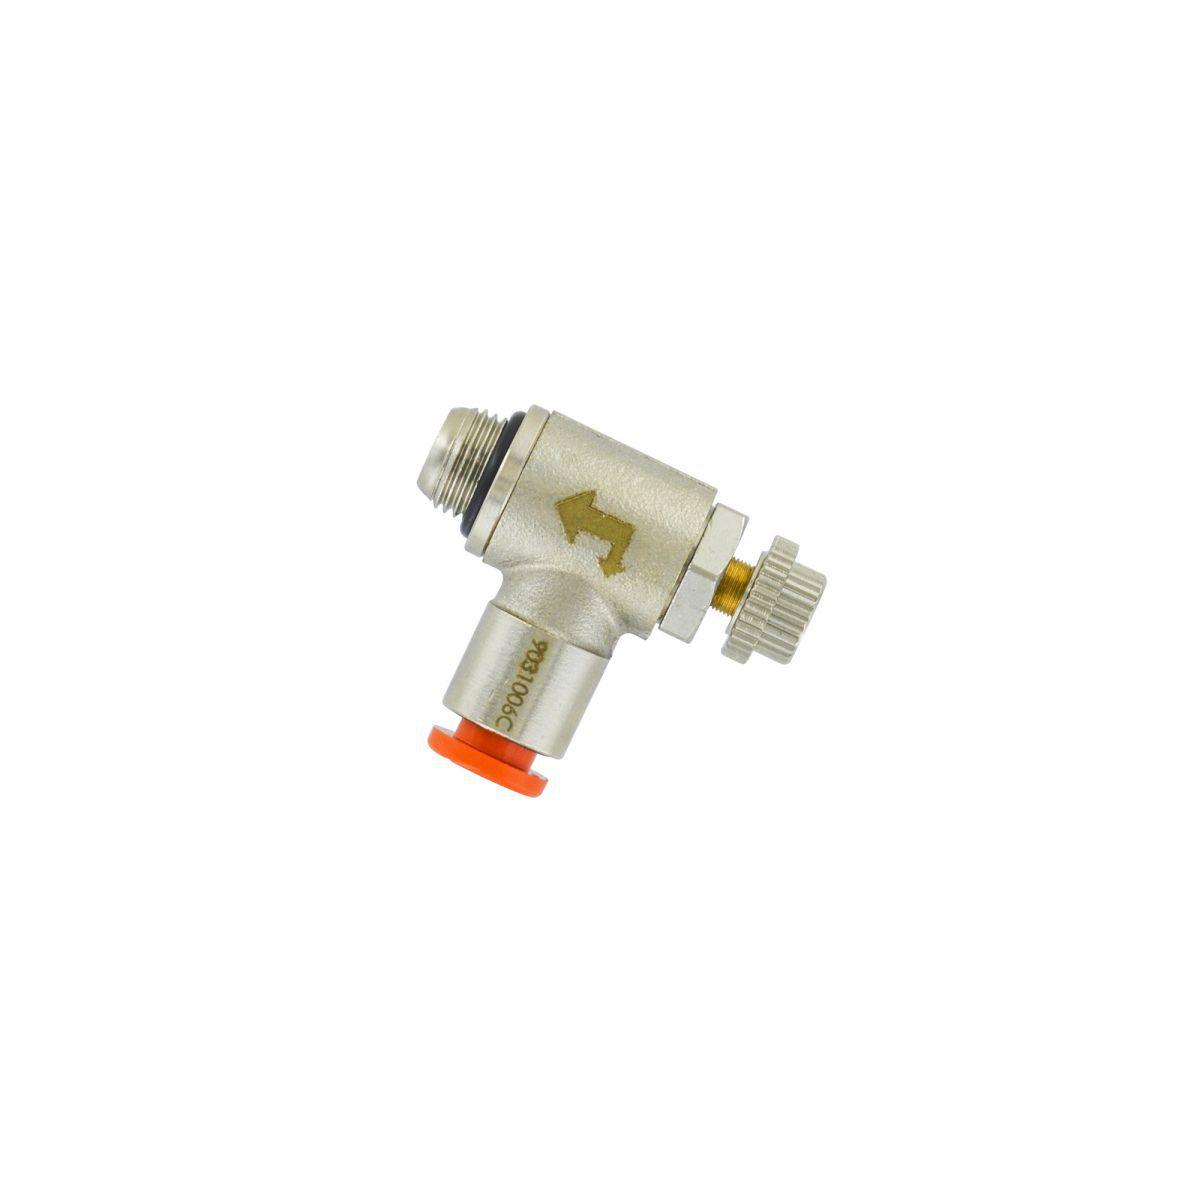 mikrogeschwindigkeitsregler typ c 618